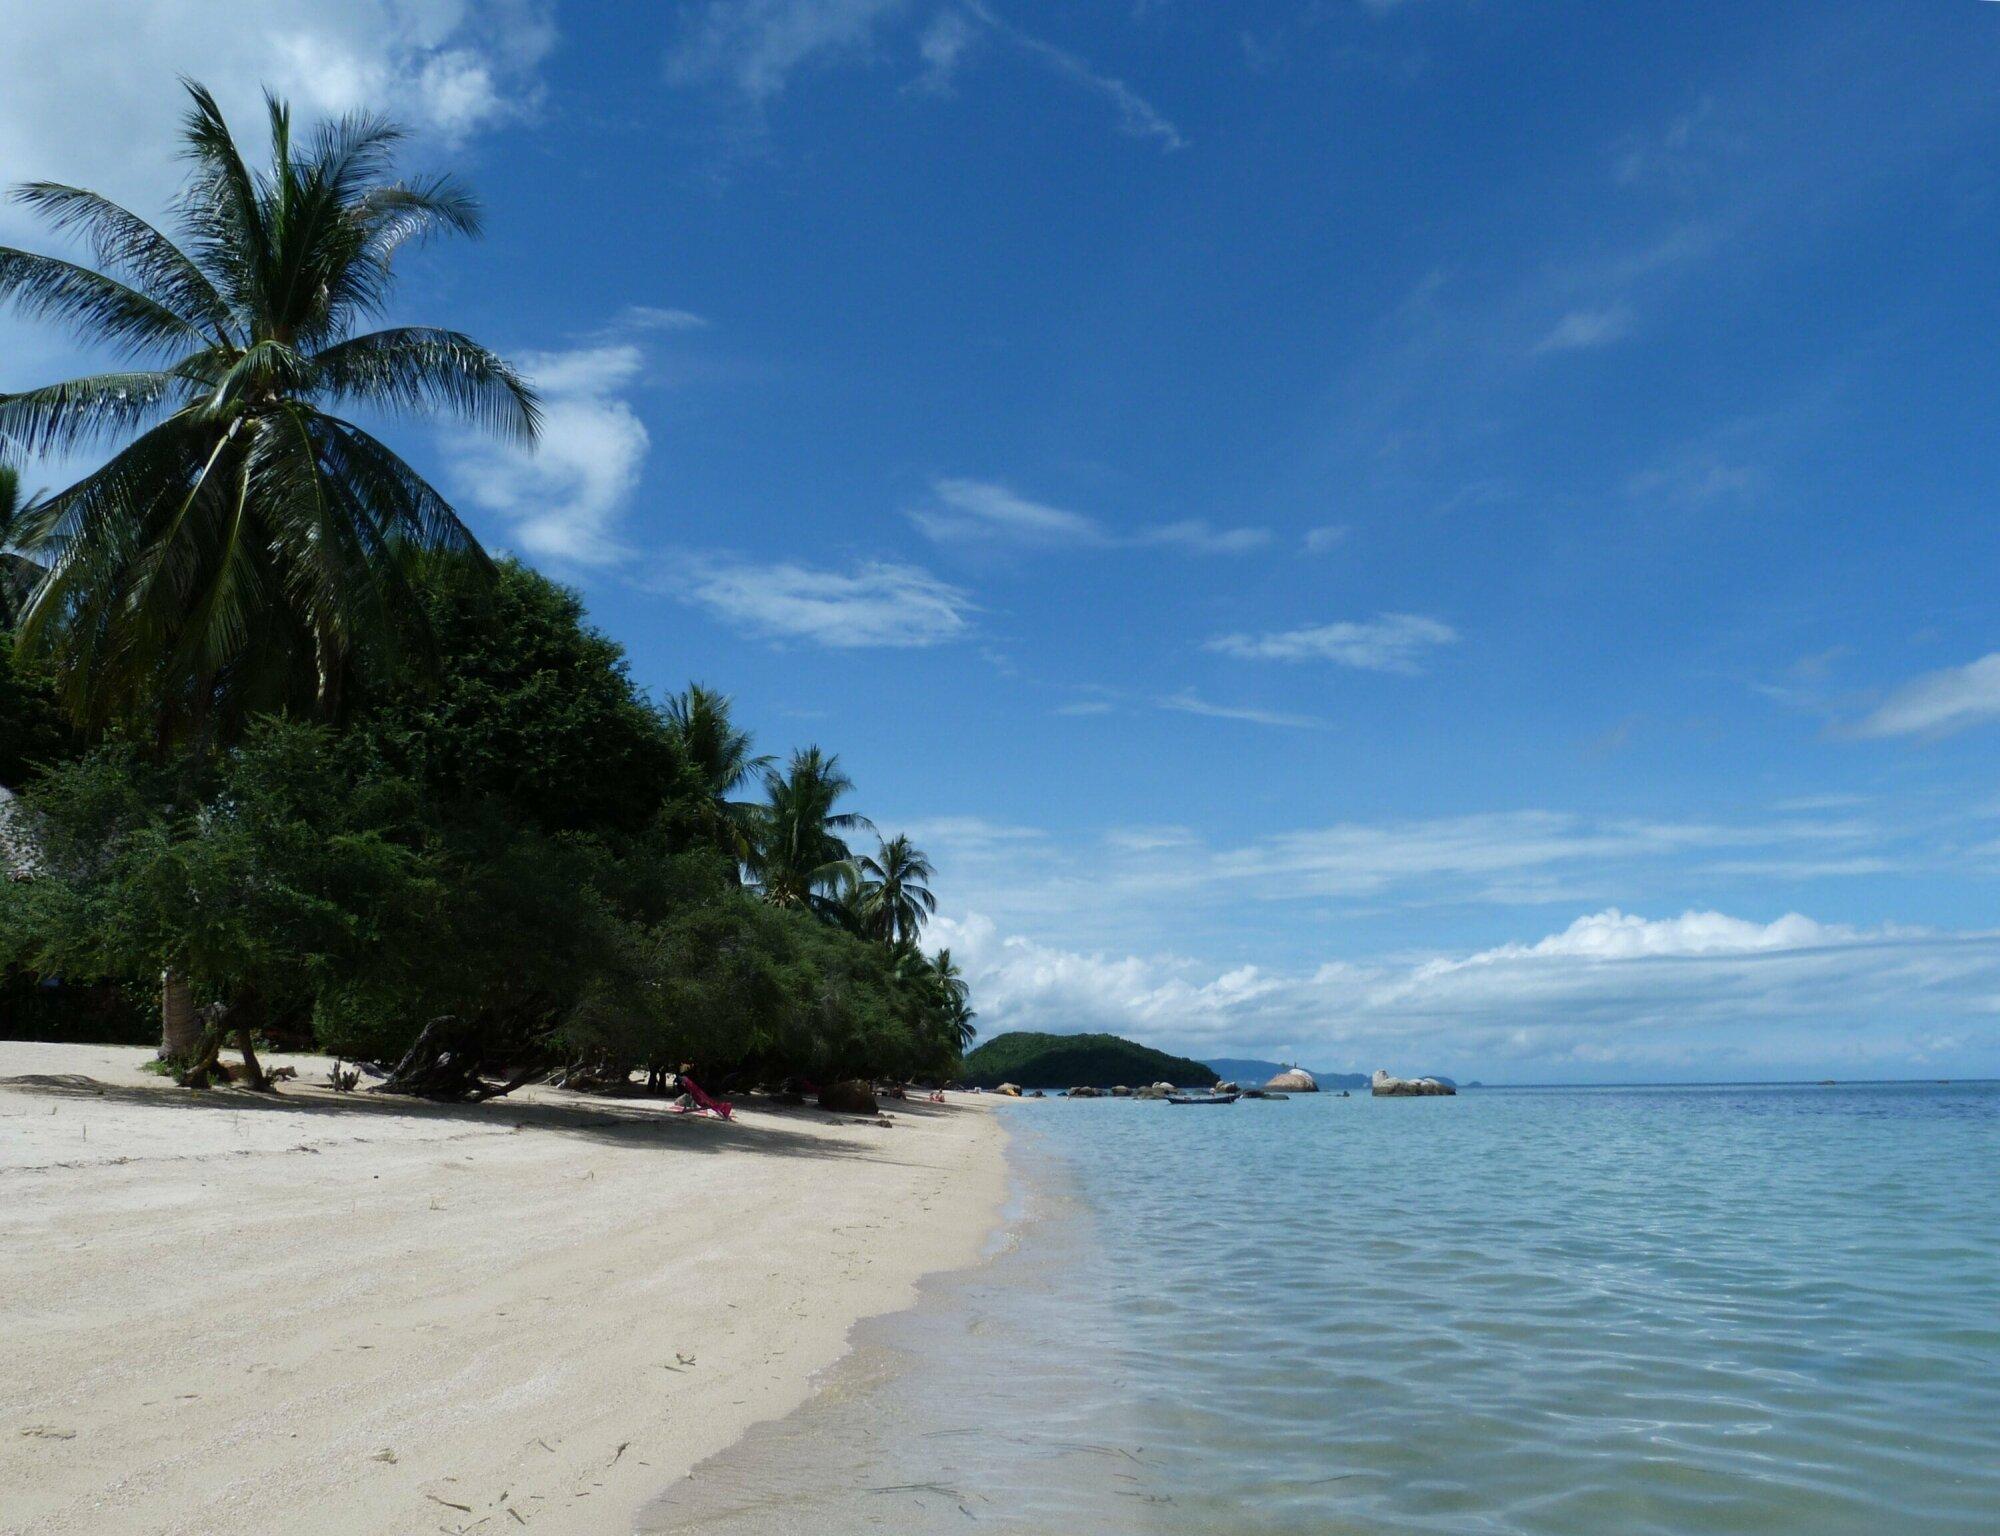 Les eaux claires du golfe de Thaïlande